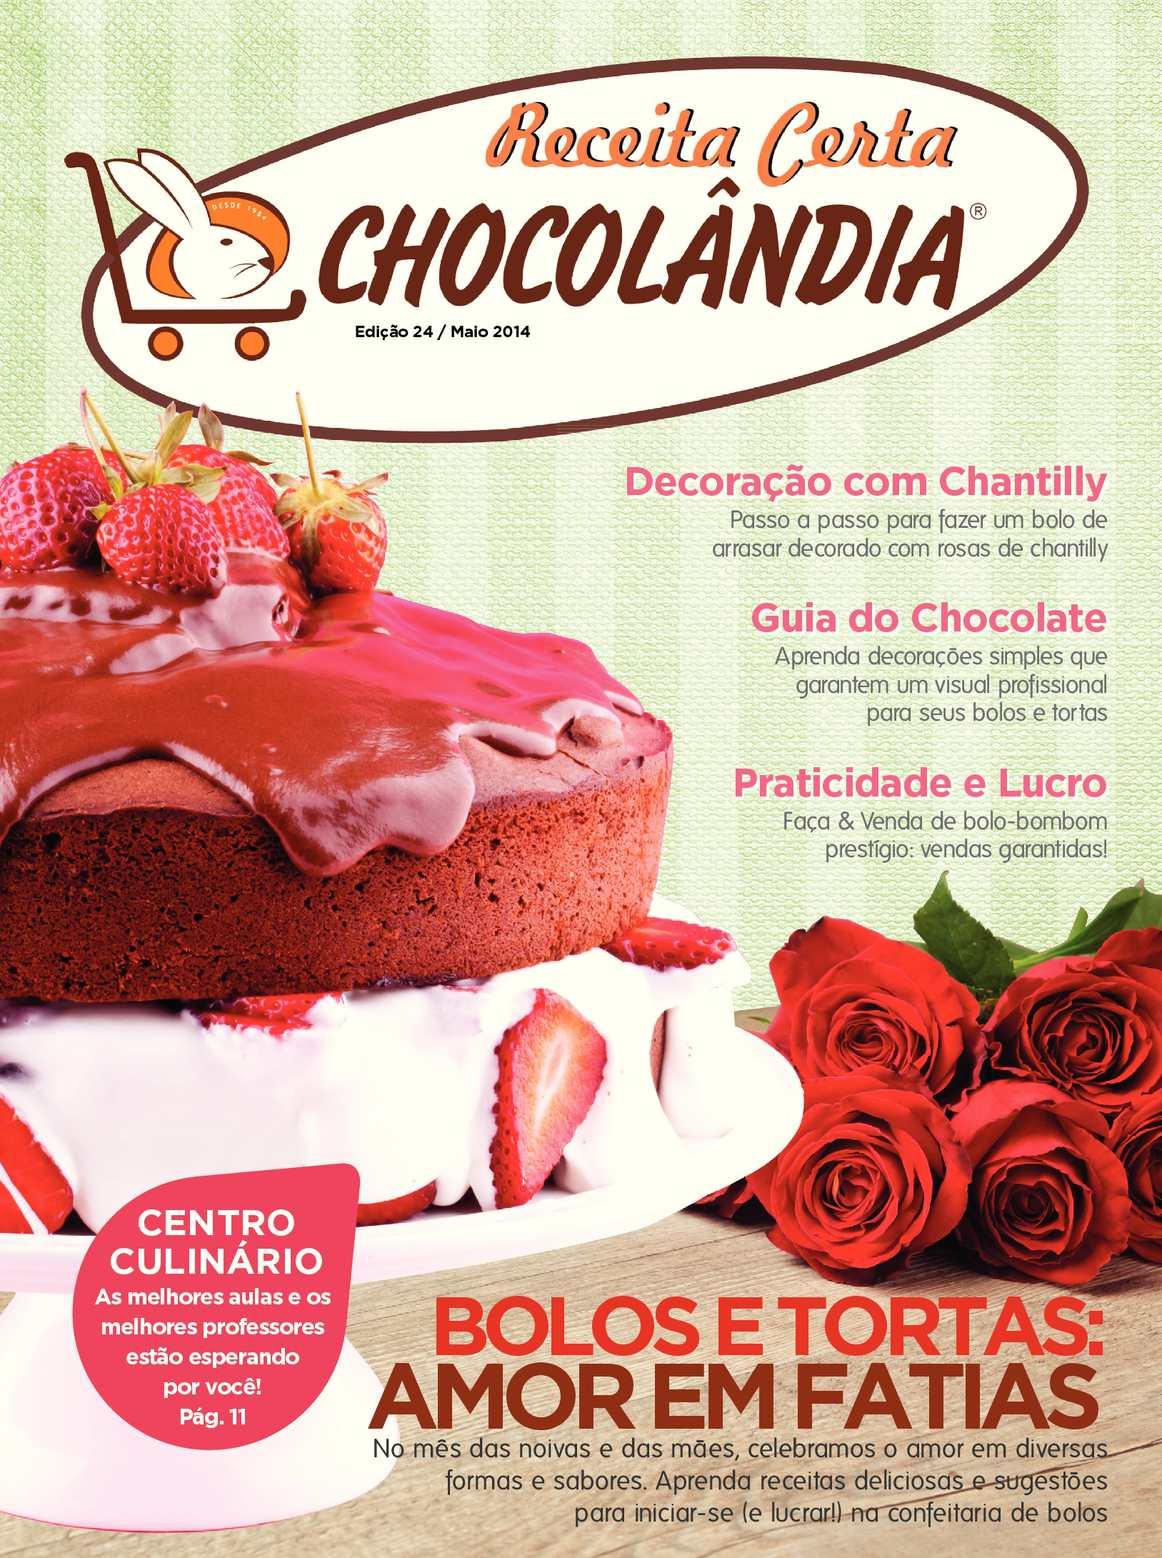 Revista Receita Certa Chocolândia - Bolos e Tortas: Amor em fatias